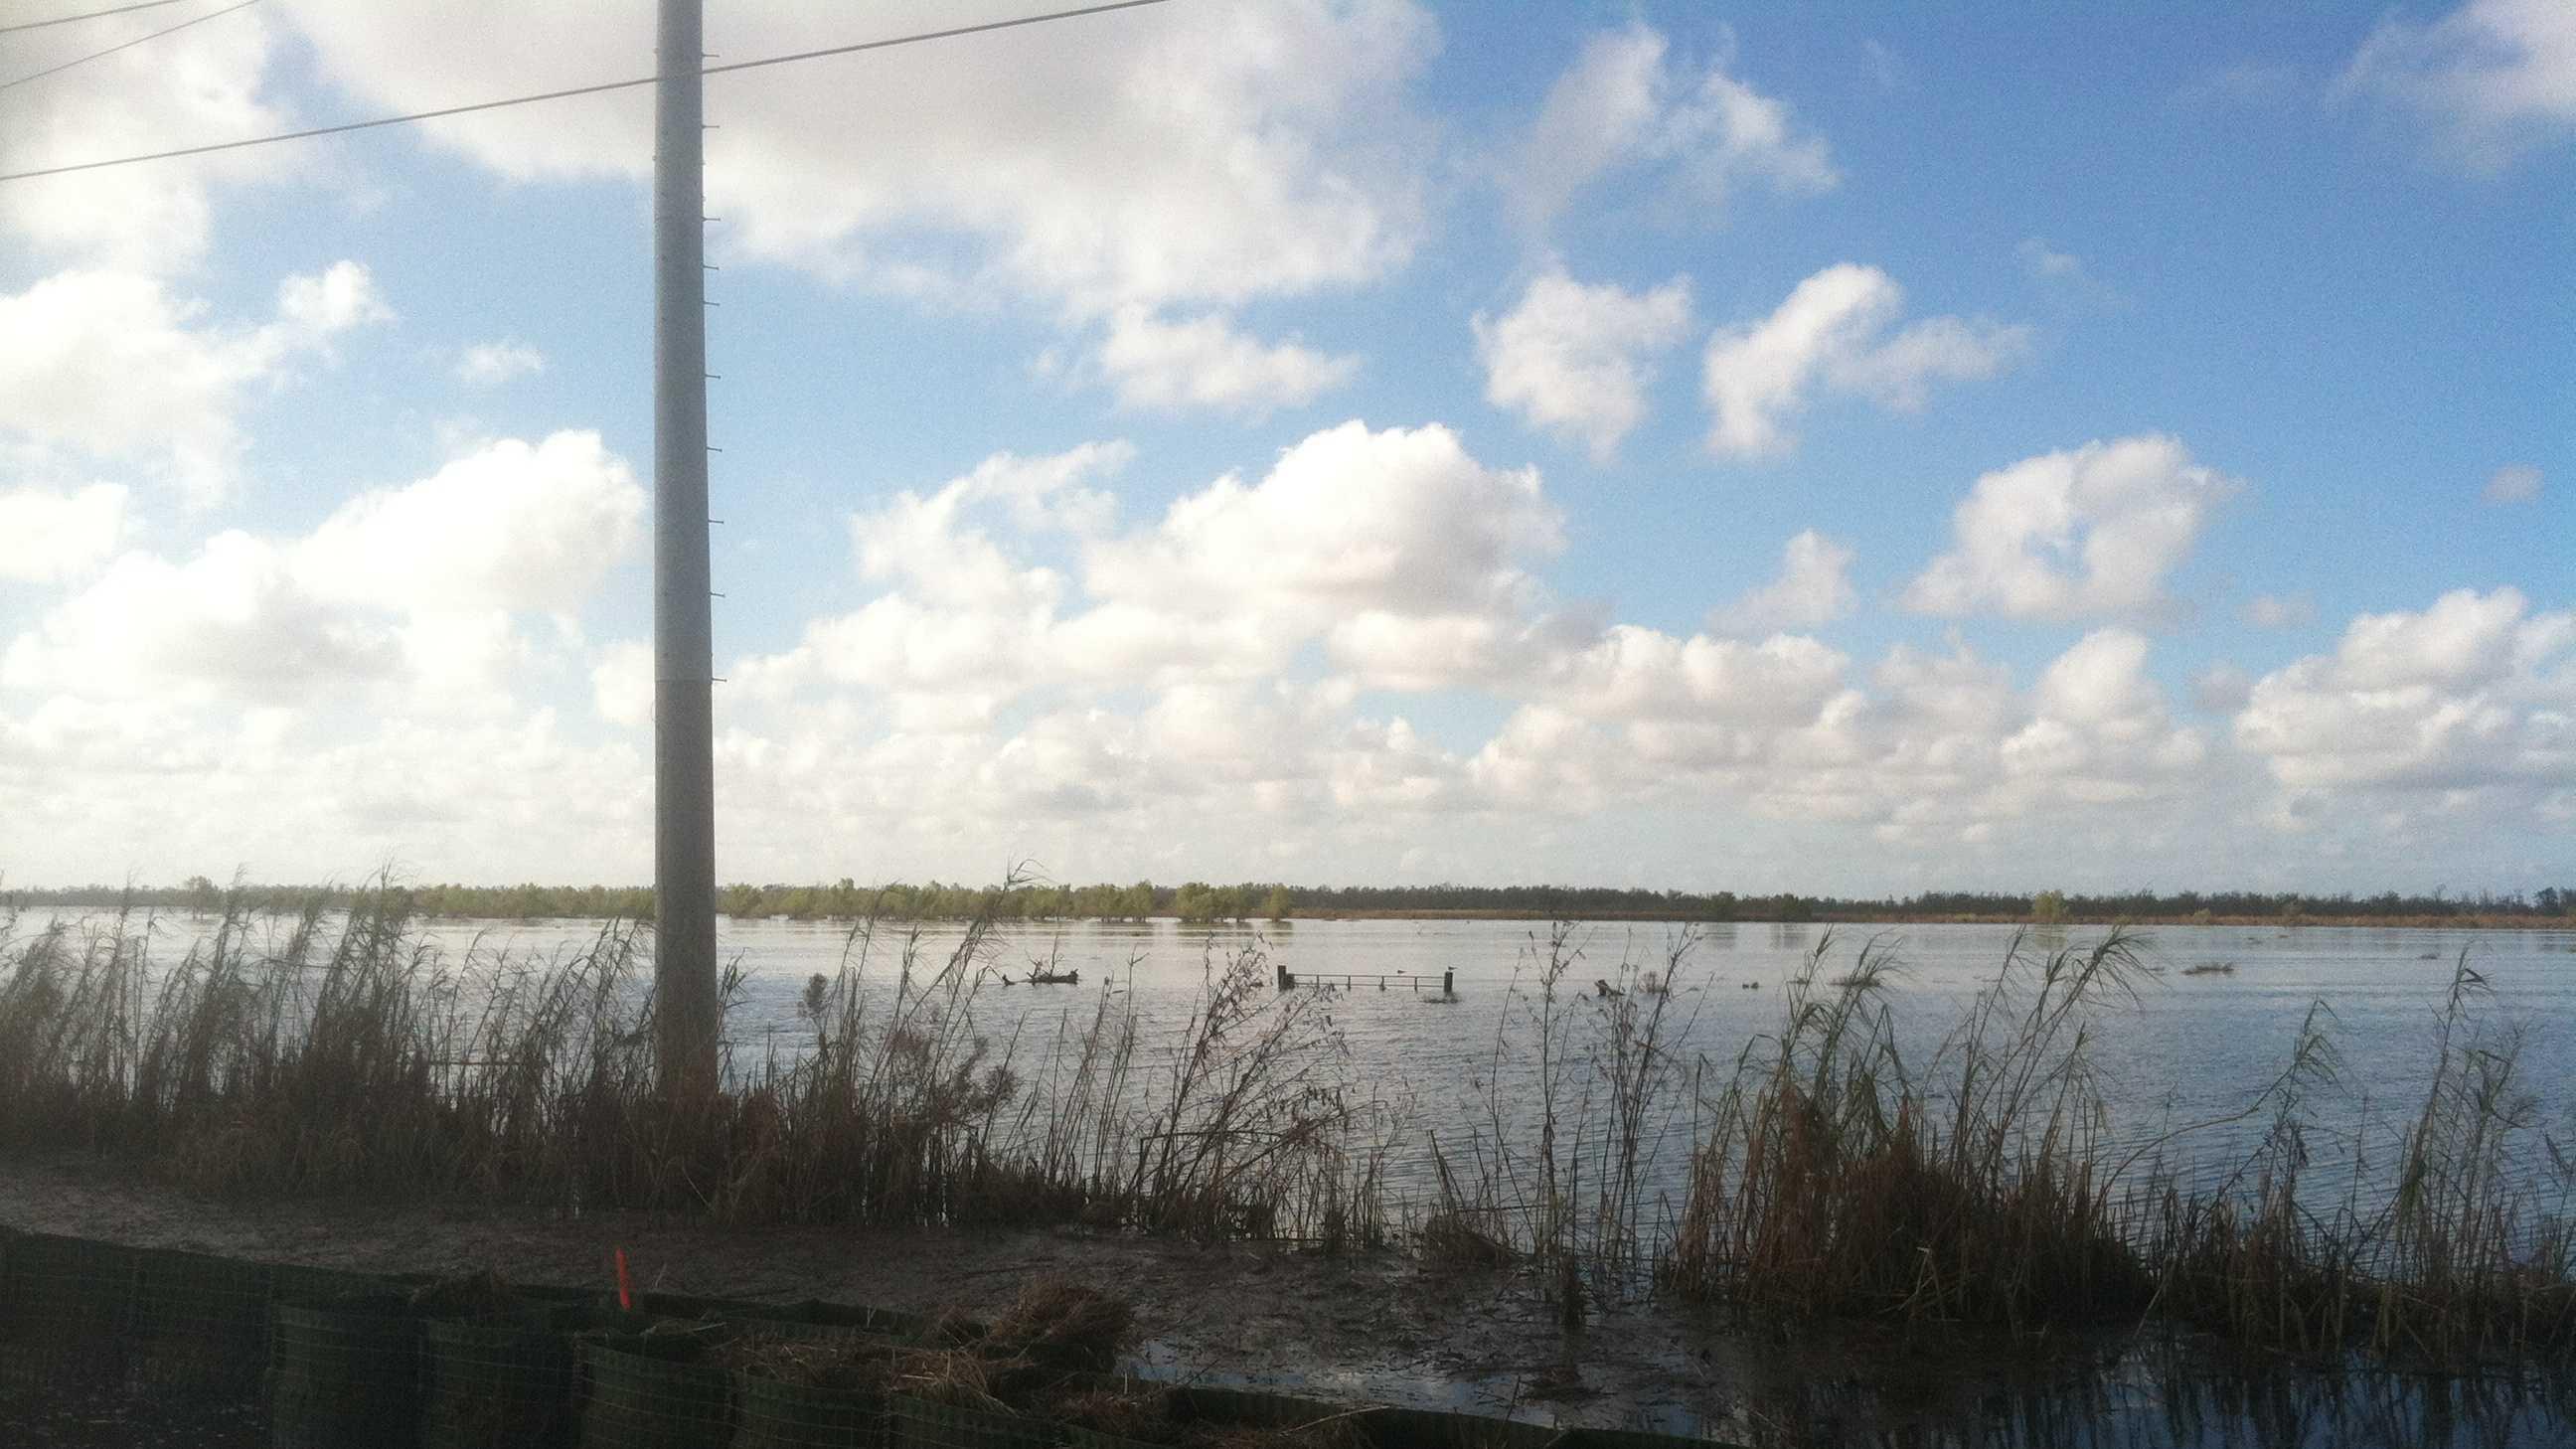 Flooding seen along Highway 23 a week after Hurricane Isaac